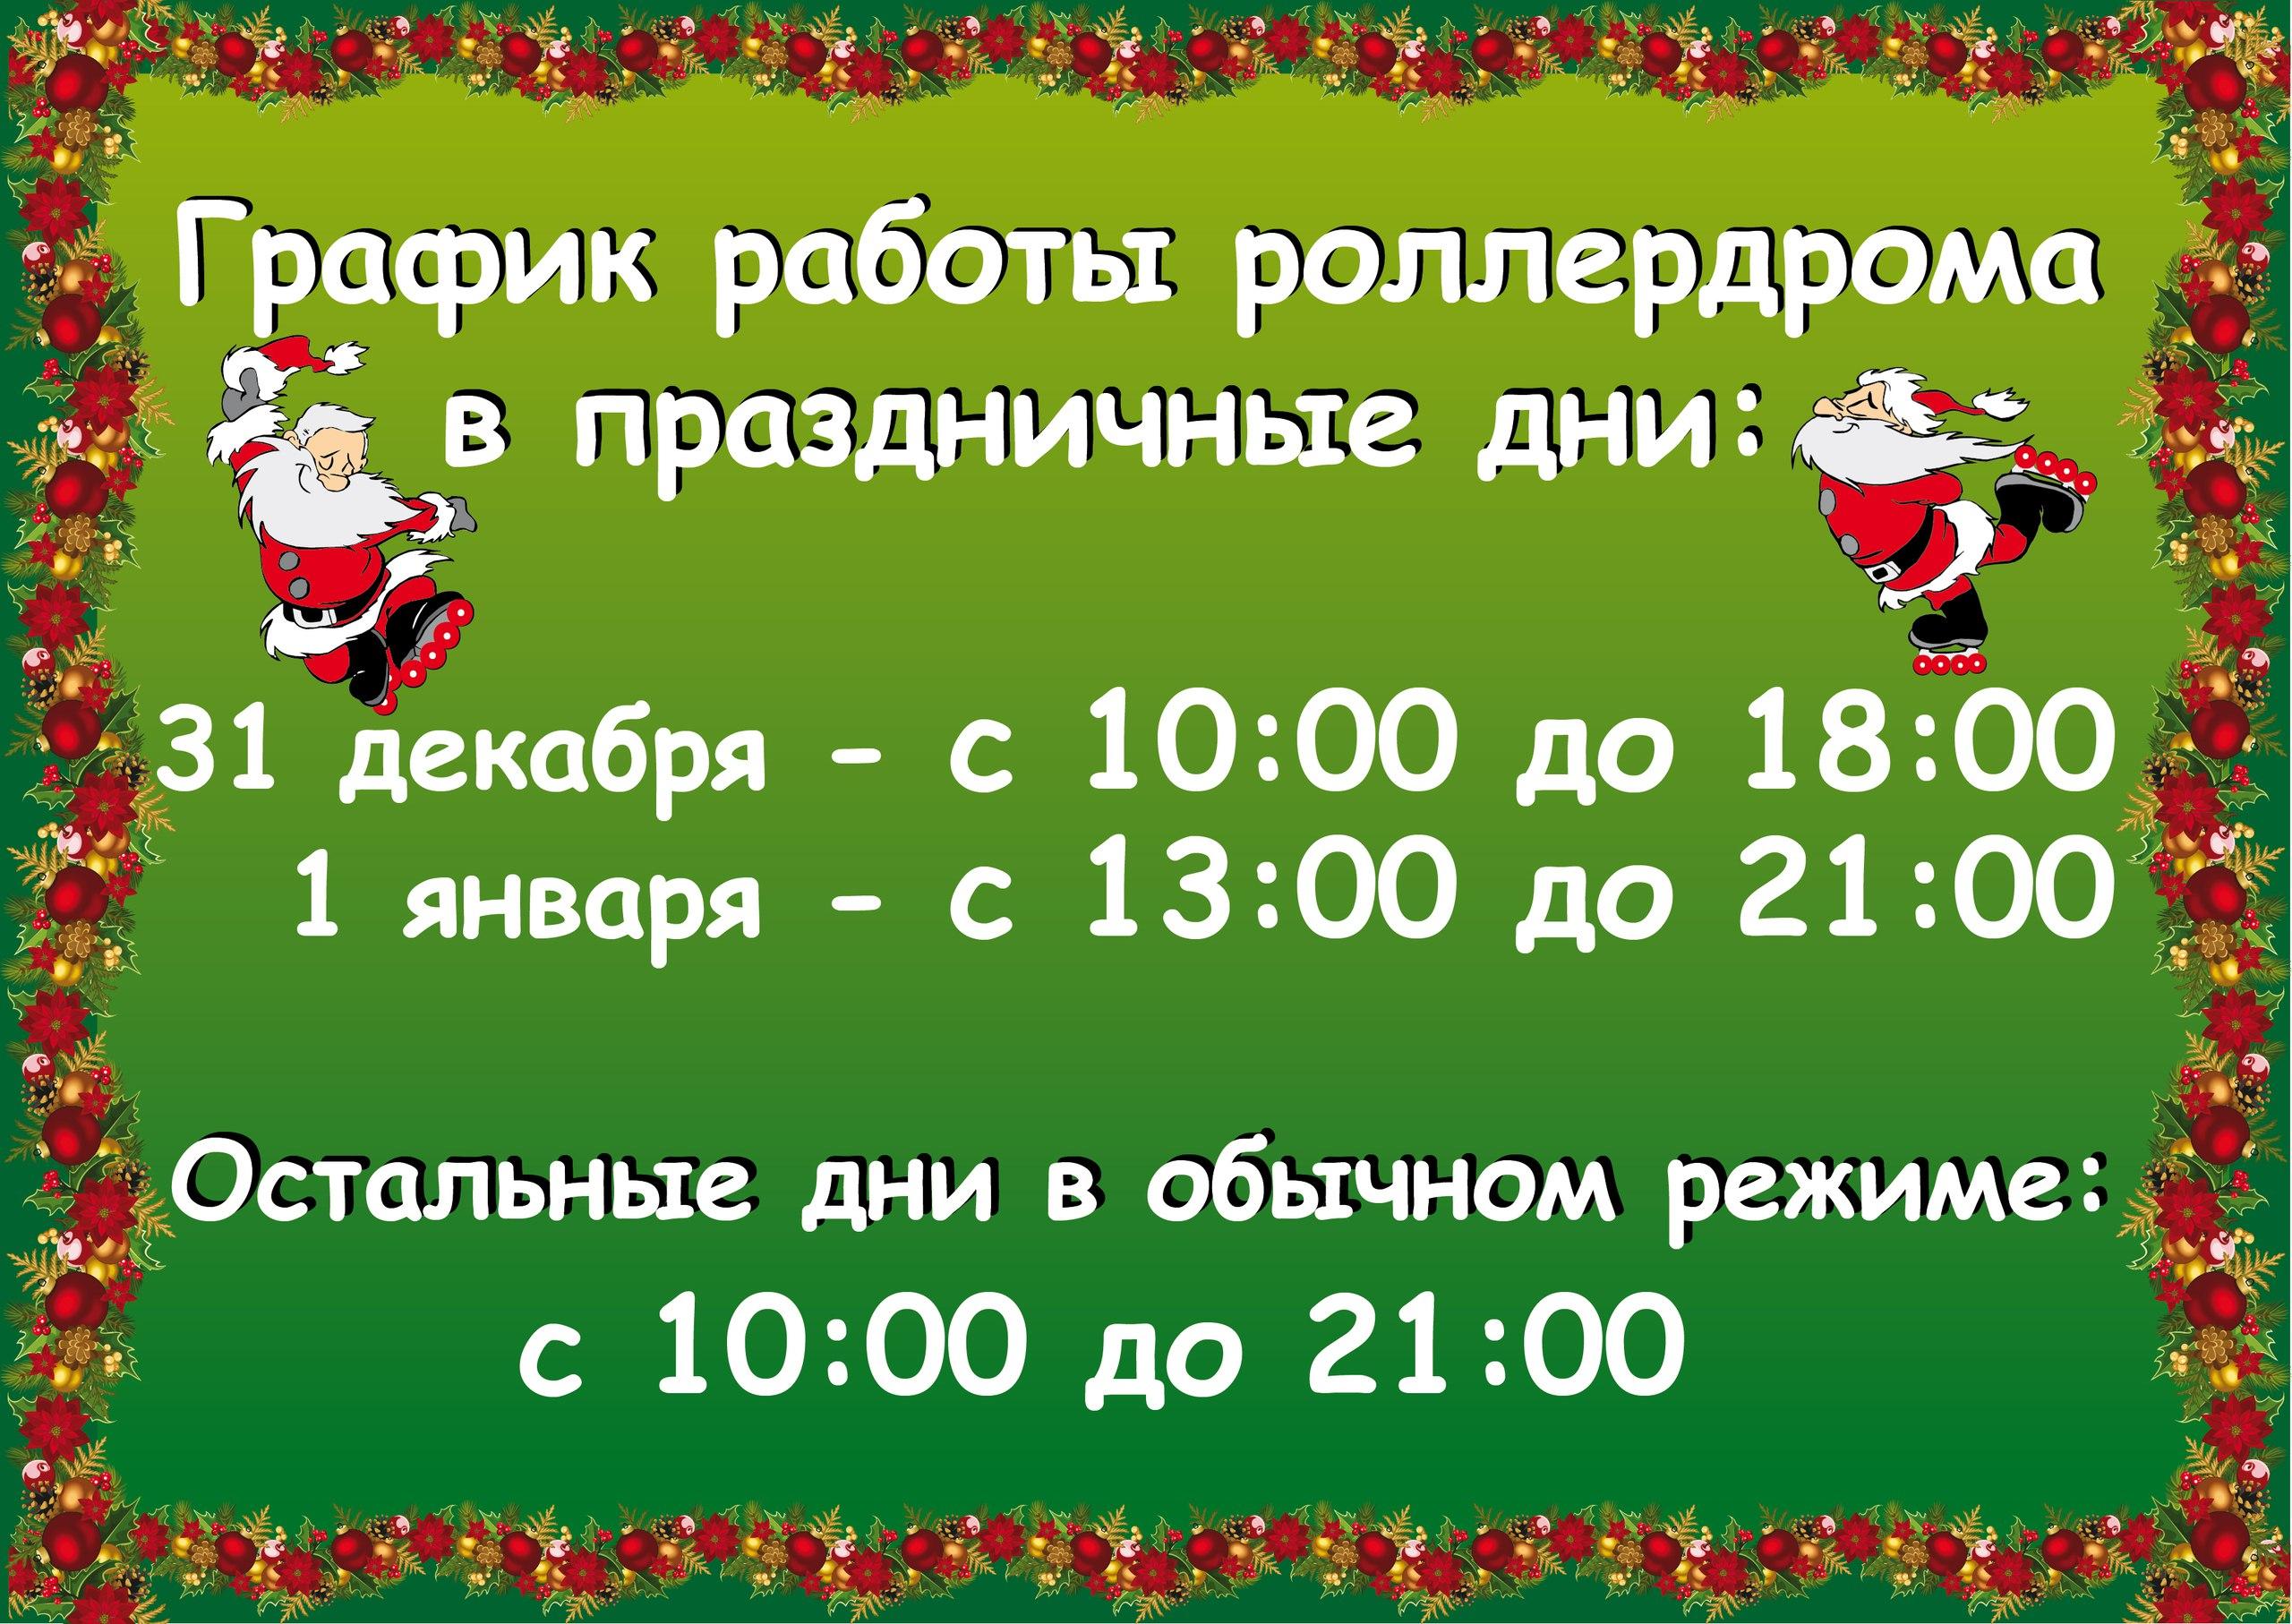 Новогодний график работы РОЛЛЕРДРОМА